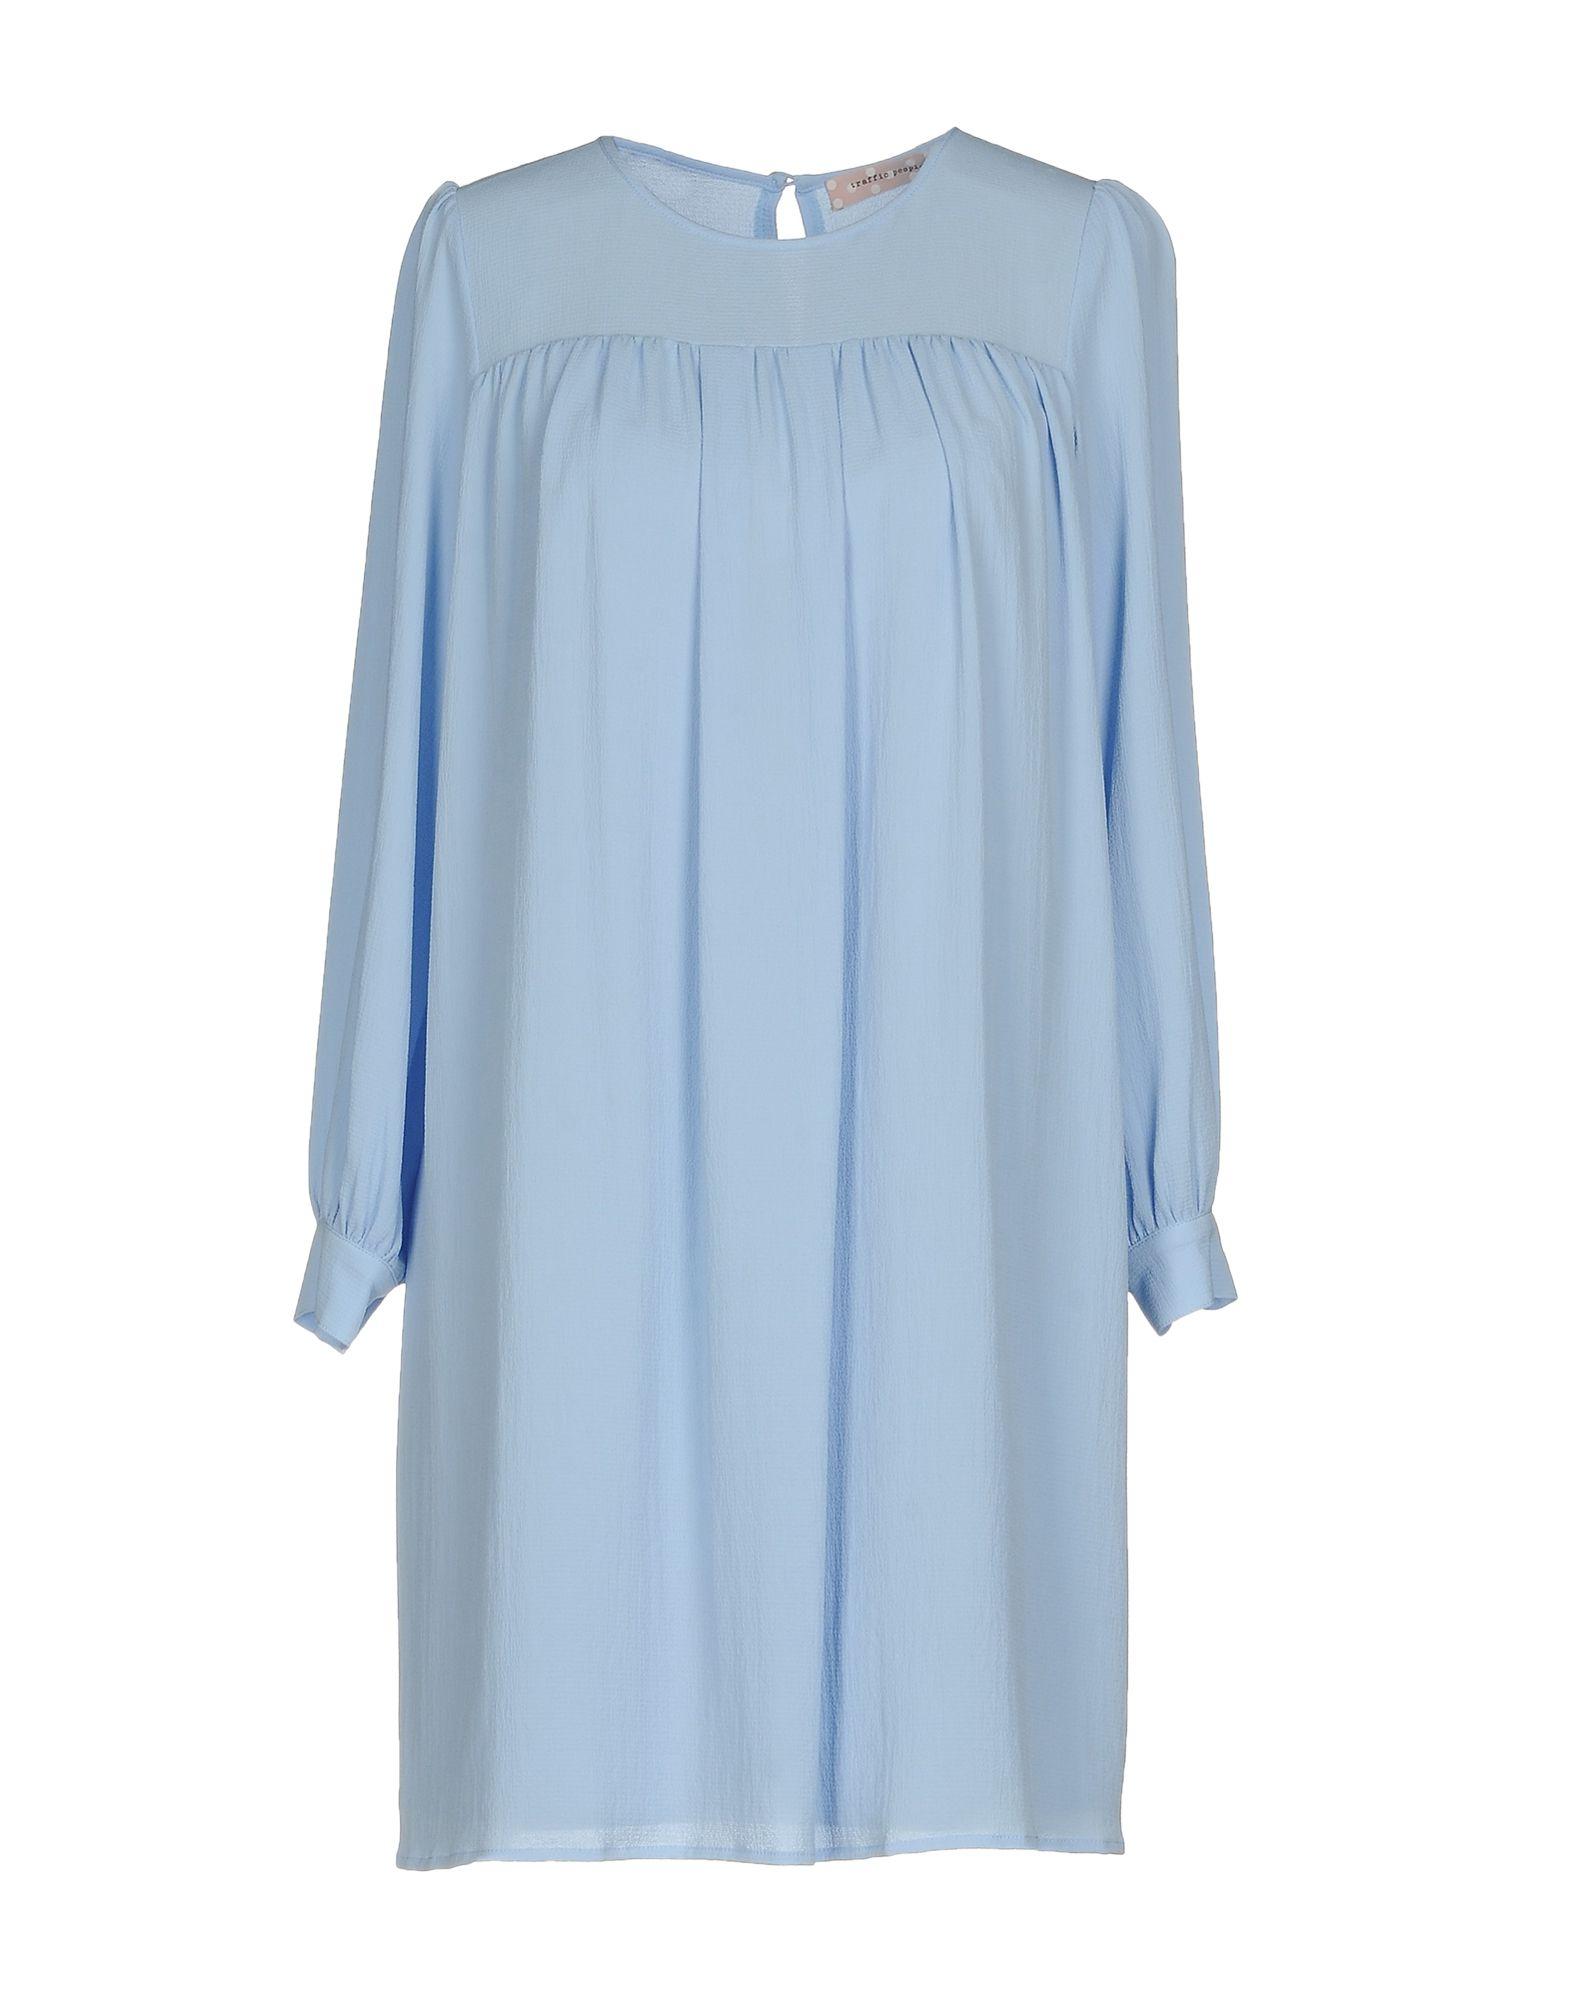 TRAFFIC PEOPLE Damen Kurzes Kleid Farbe Himmelblau Größe 3